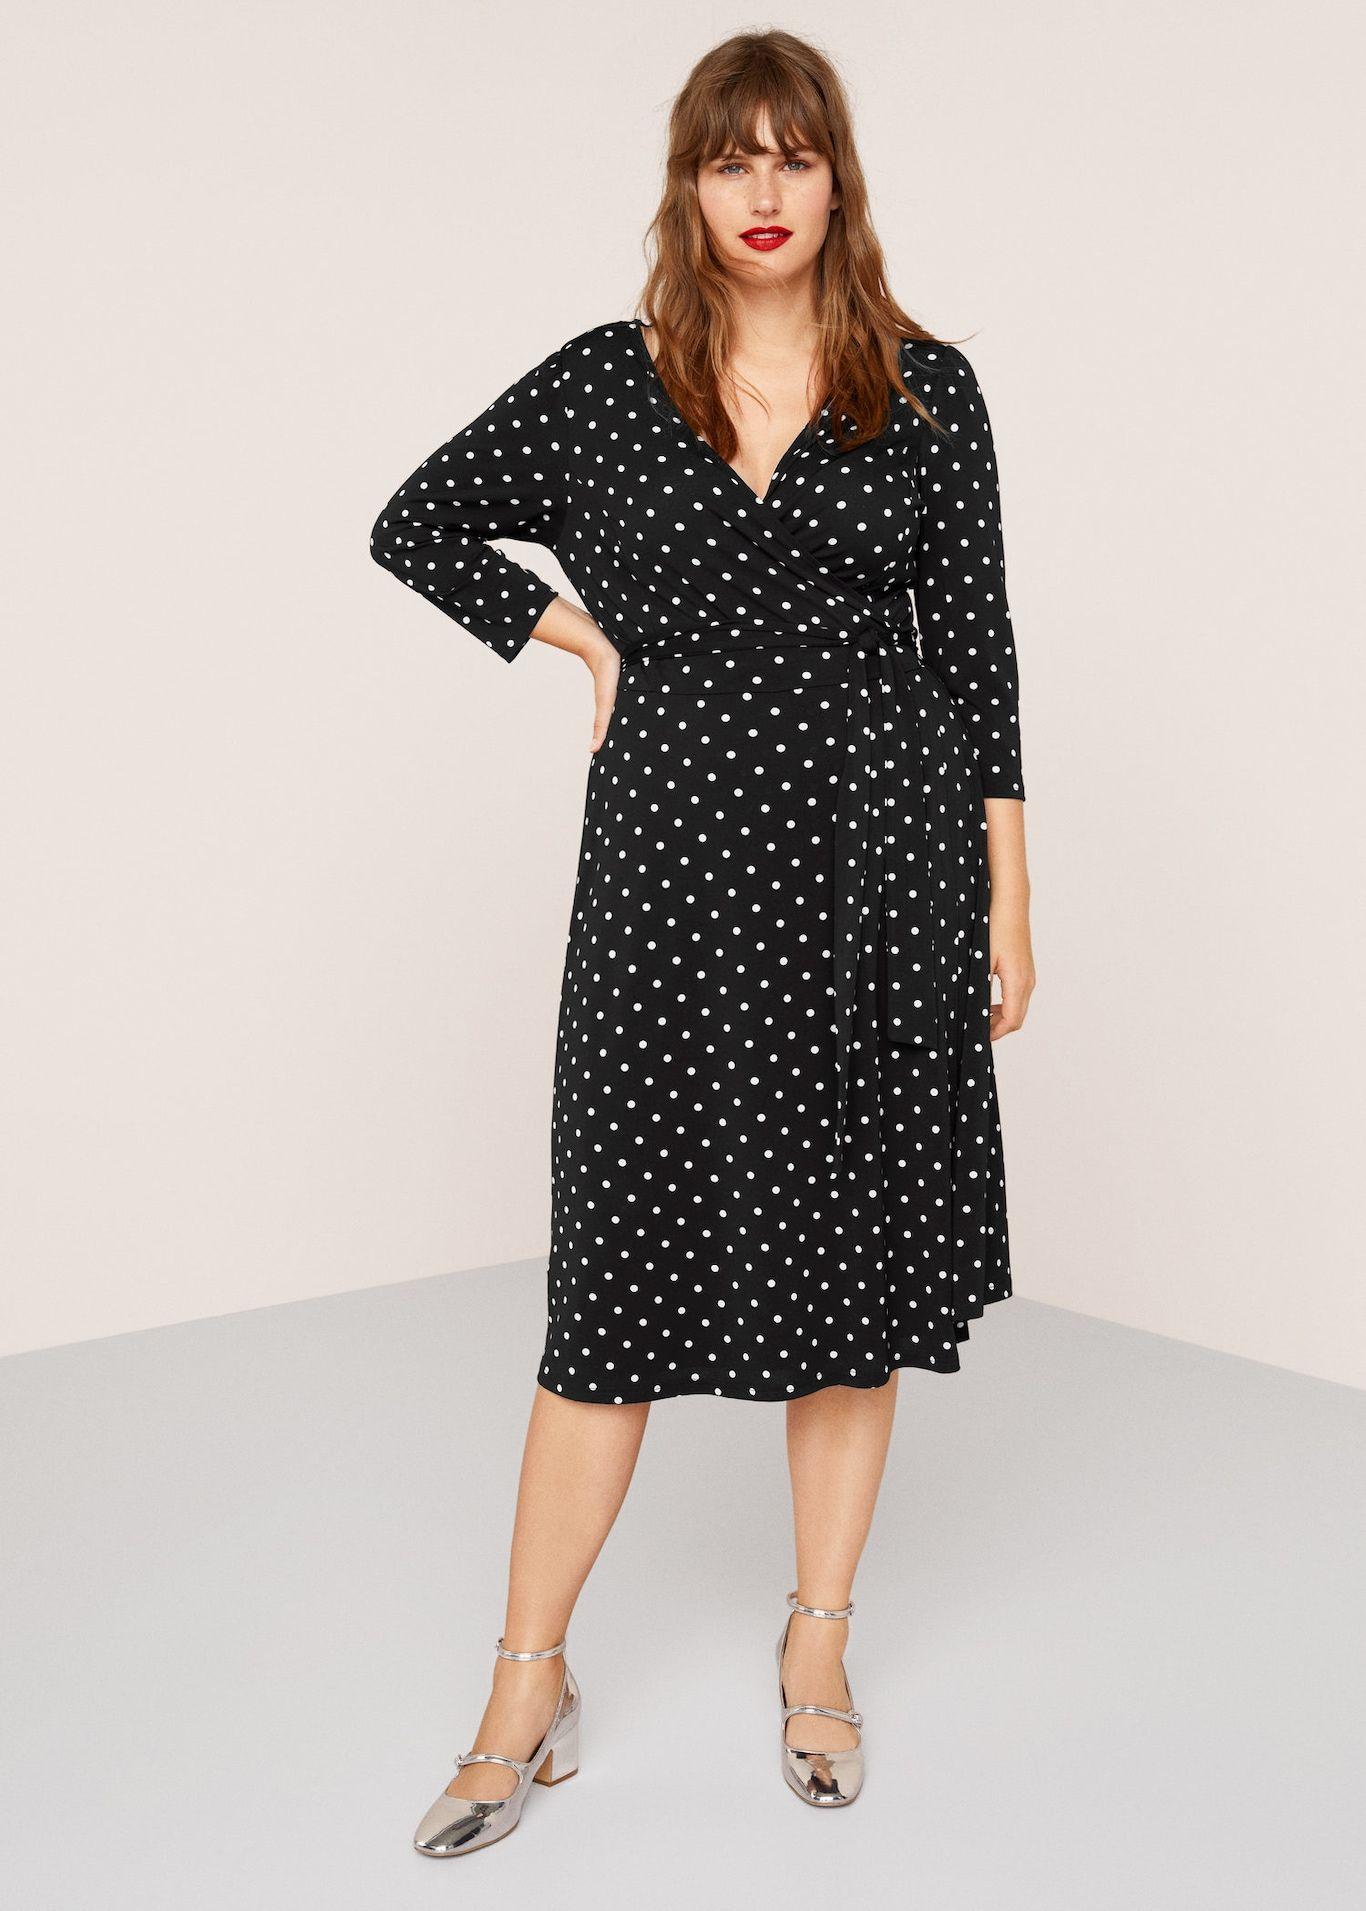 1fe16d8e5f Wrap polka-dot dress - Plus sizes | London Looks | Dresses, Dot ...